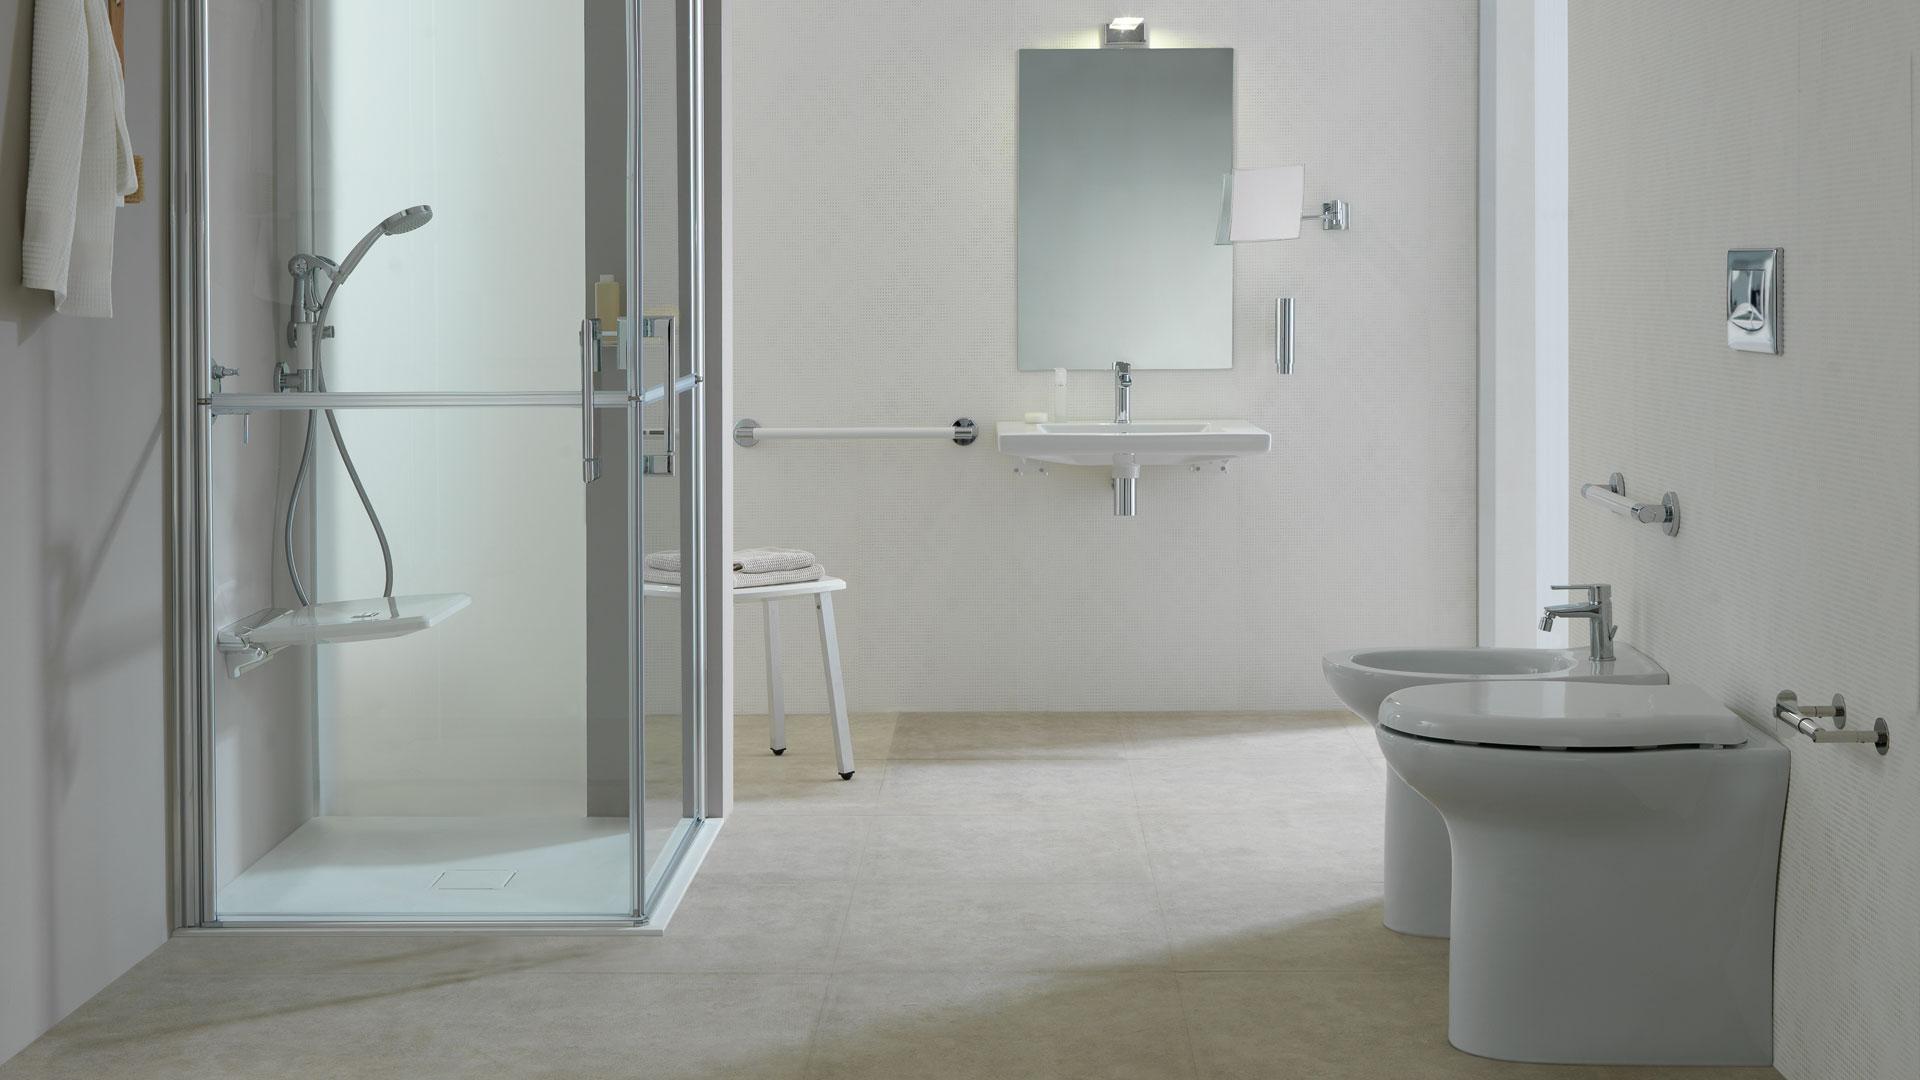 Vasca Da Bagno Blocchi Cad : Leader nella produzione ausili e sanitari bagno